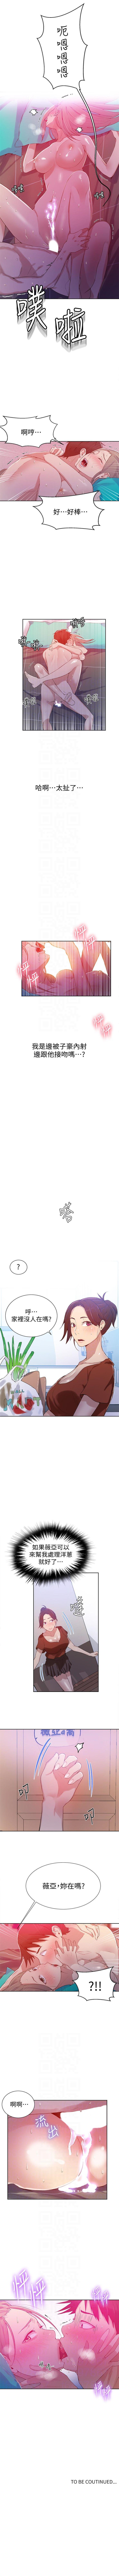 (週6)秘密教學  1-35 中文翻譯 (更新中) 113